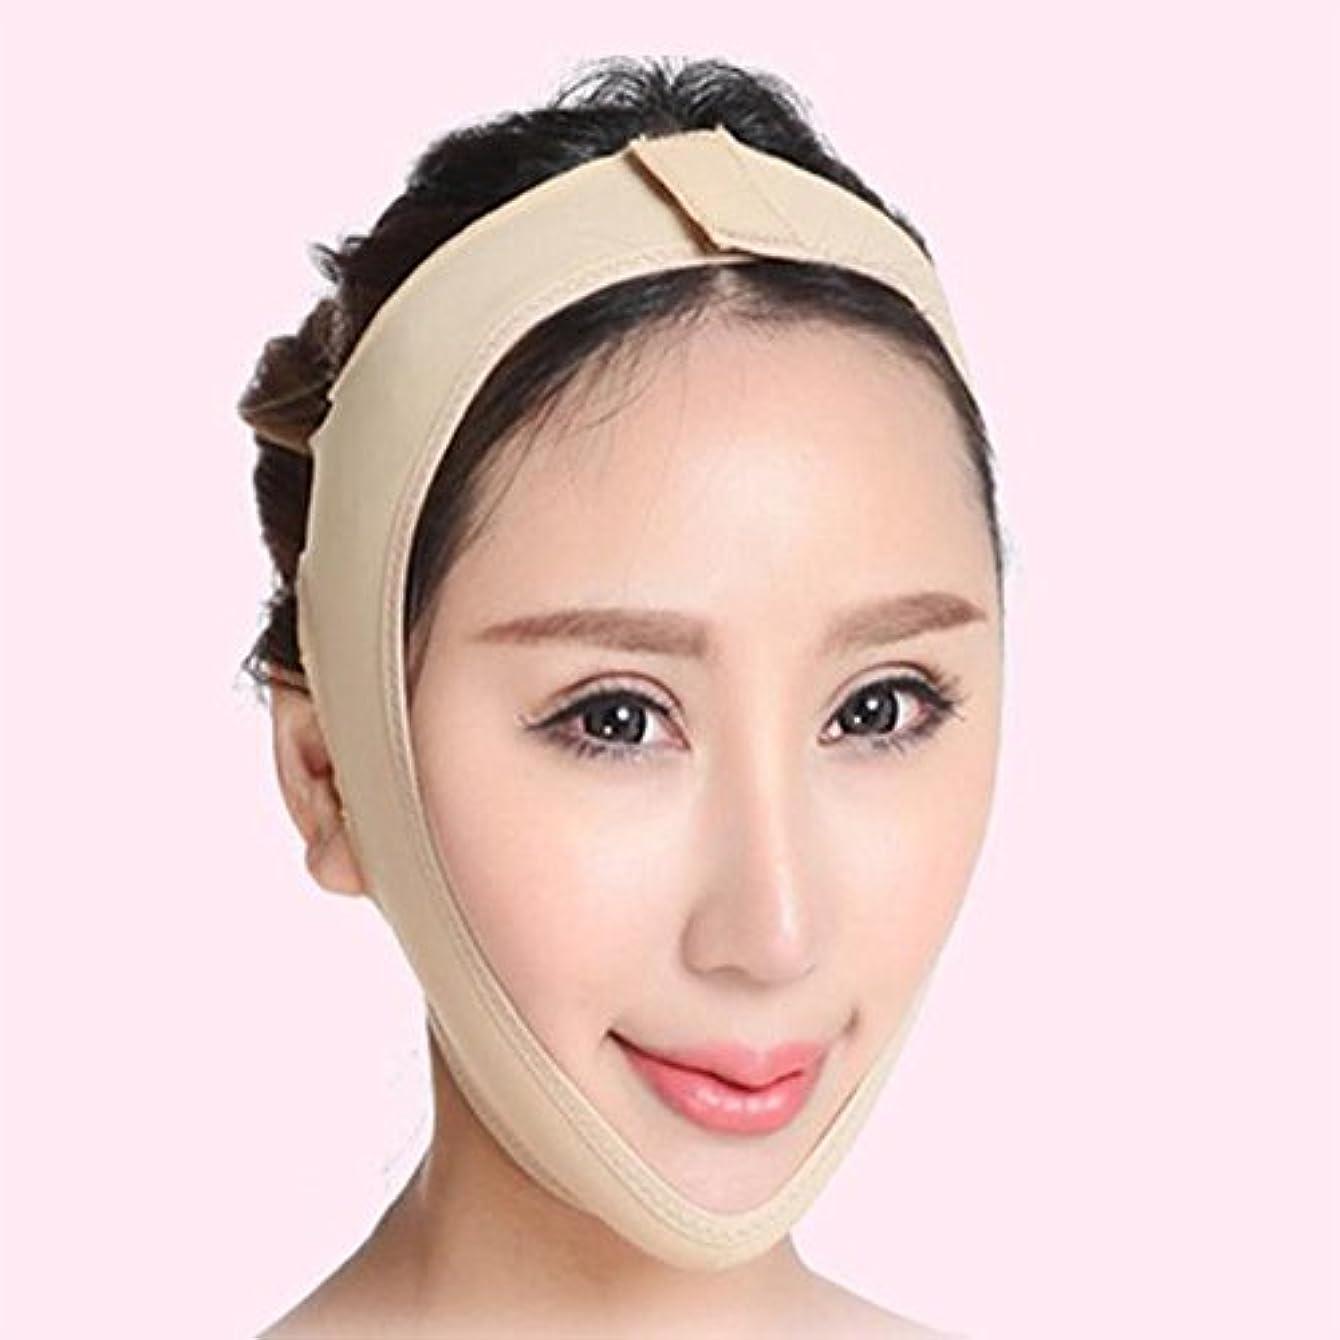 プランター食料品店屋内SD 小顔 小顔マスク リフトアップ マスク フェイスライン 矯正 あご シャープ メンズ レディース Mサイズ AZD15003-M